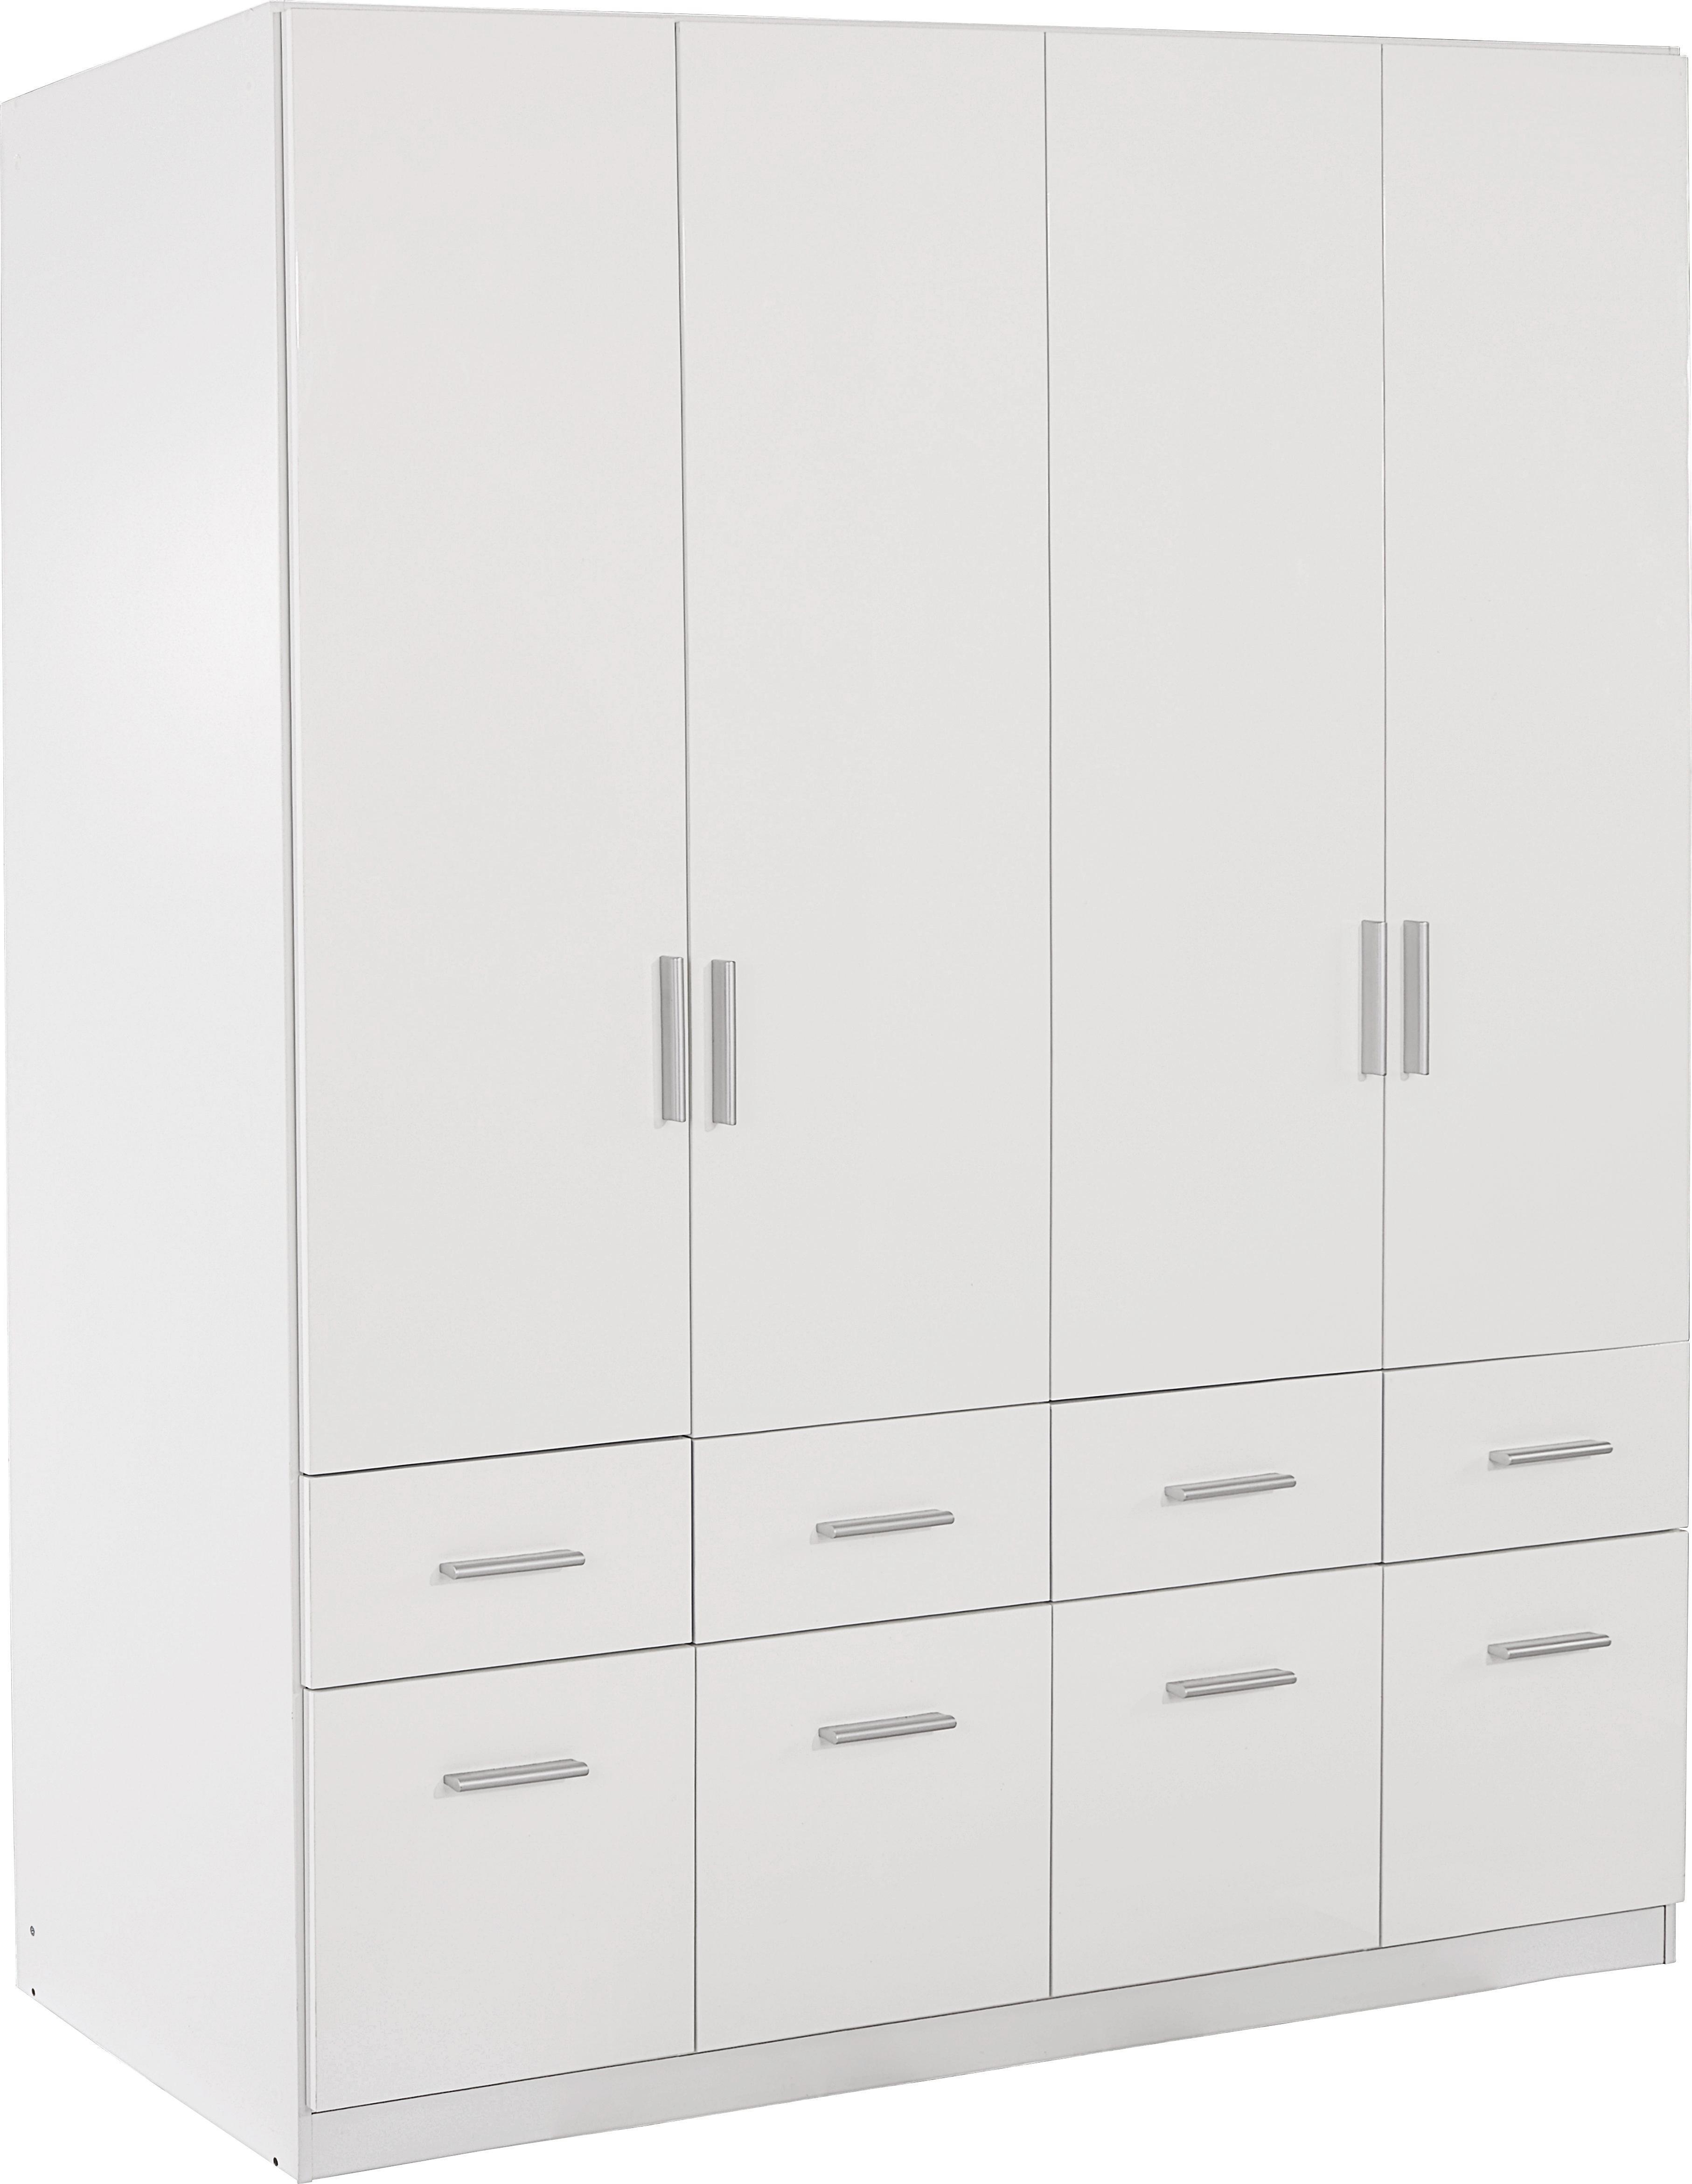 Šatná Skriňa Celle - biela, Moderný, drevo (181/197/54cm)